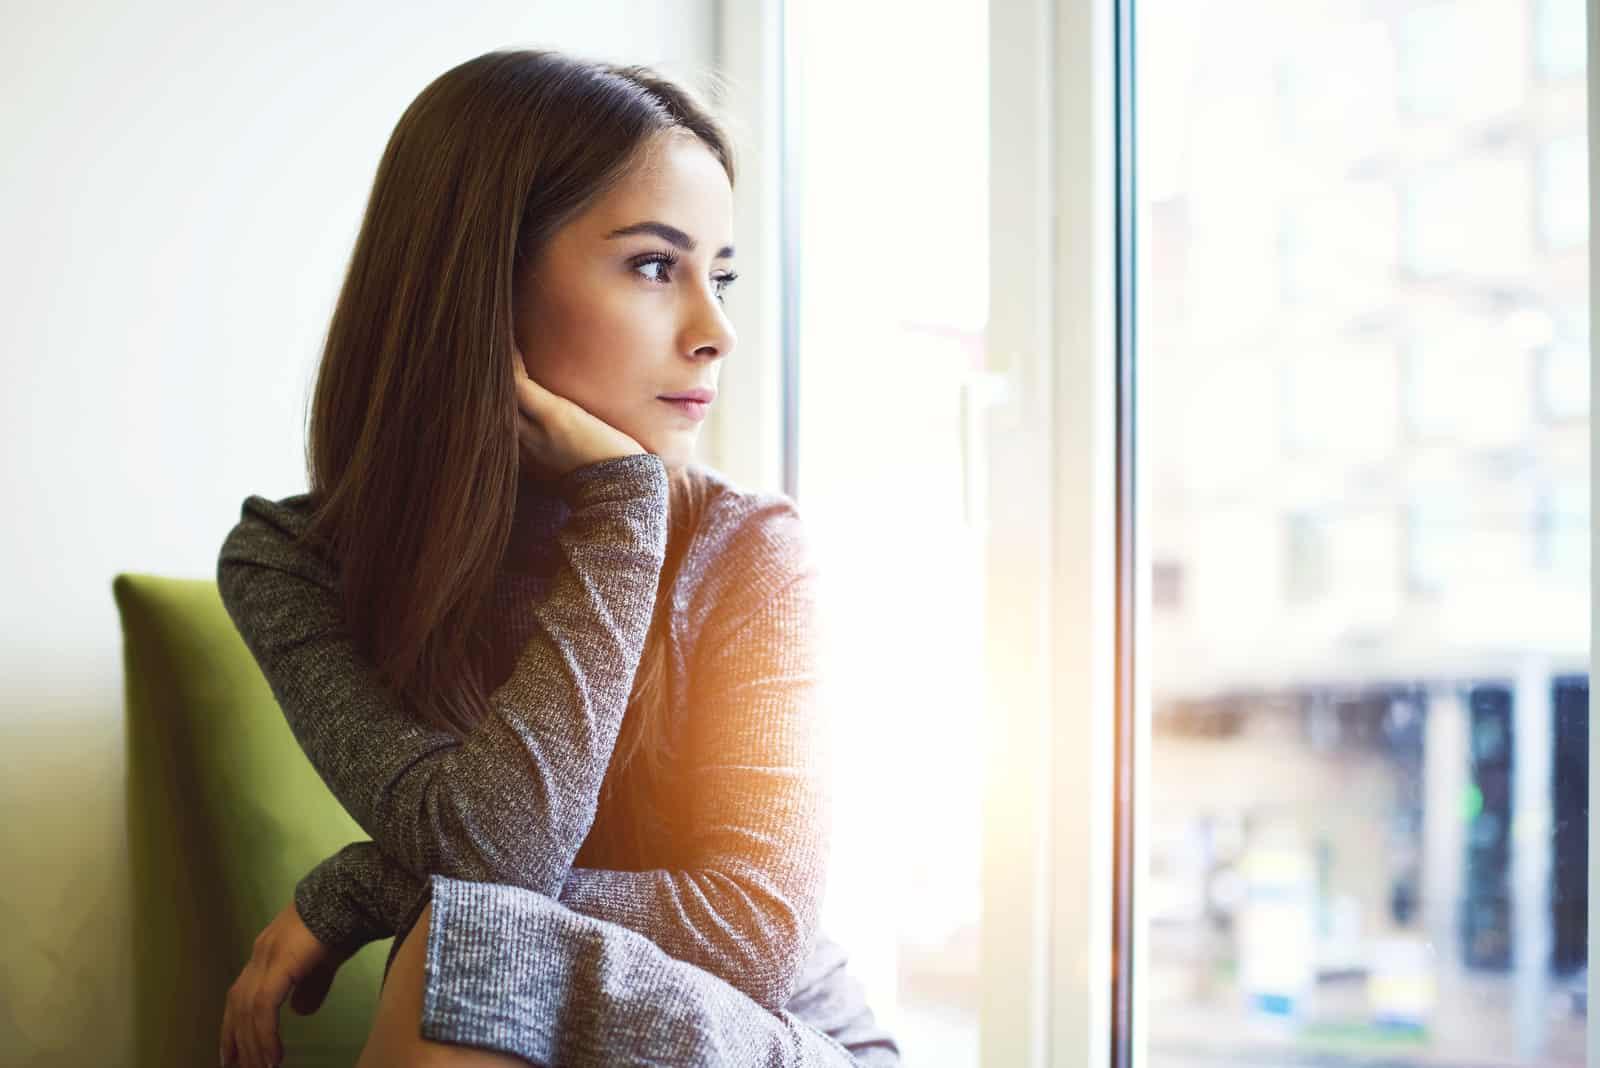 schöne Frau, die durch das Fenster schaut